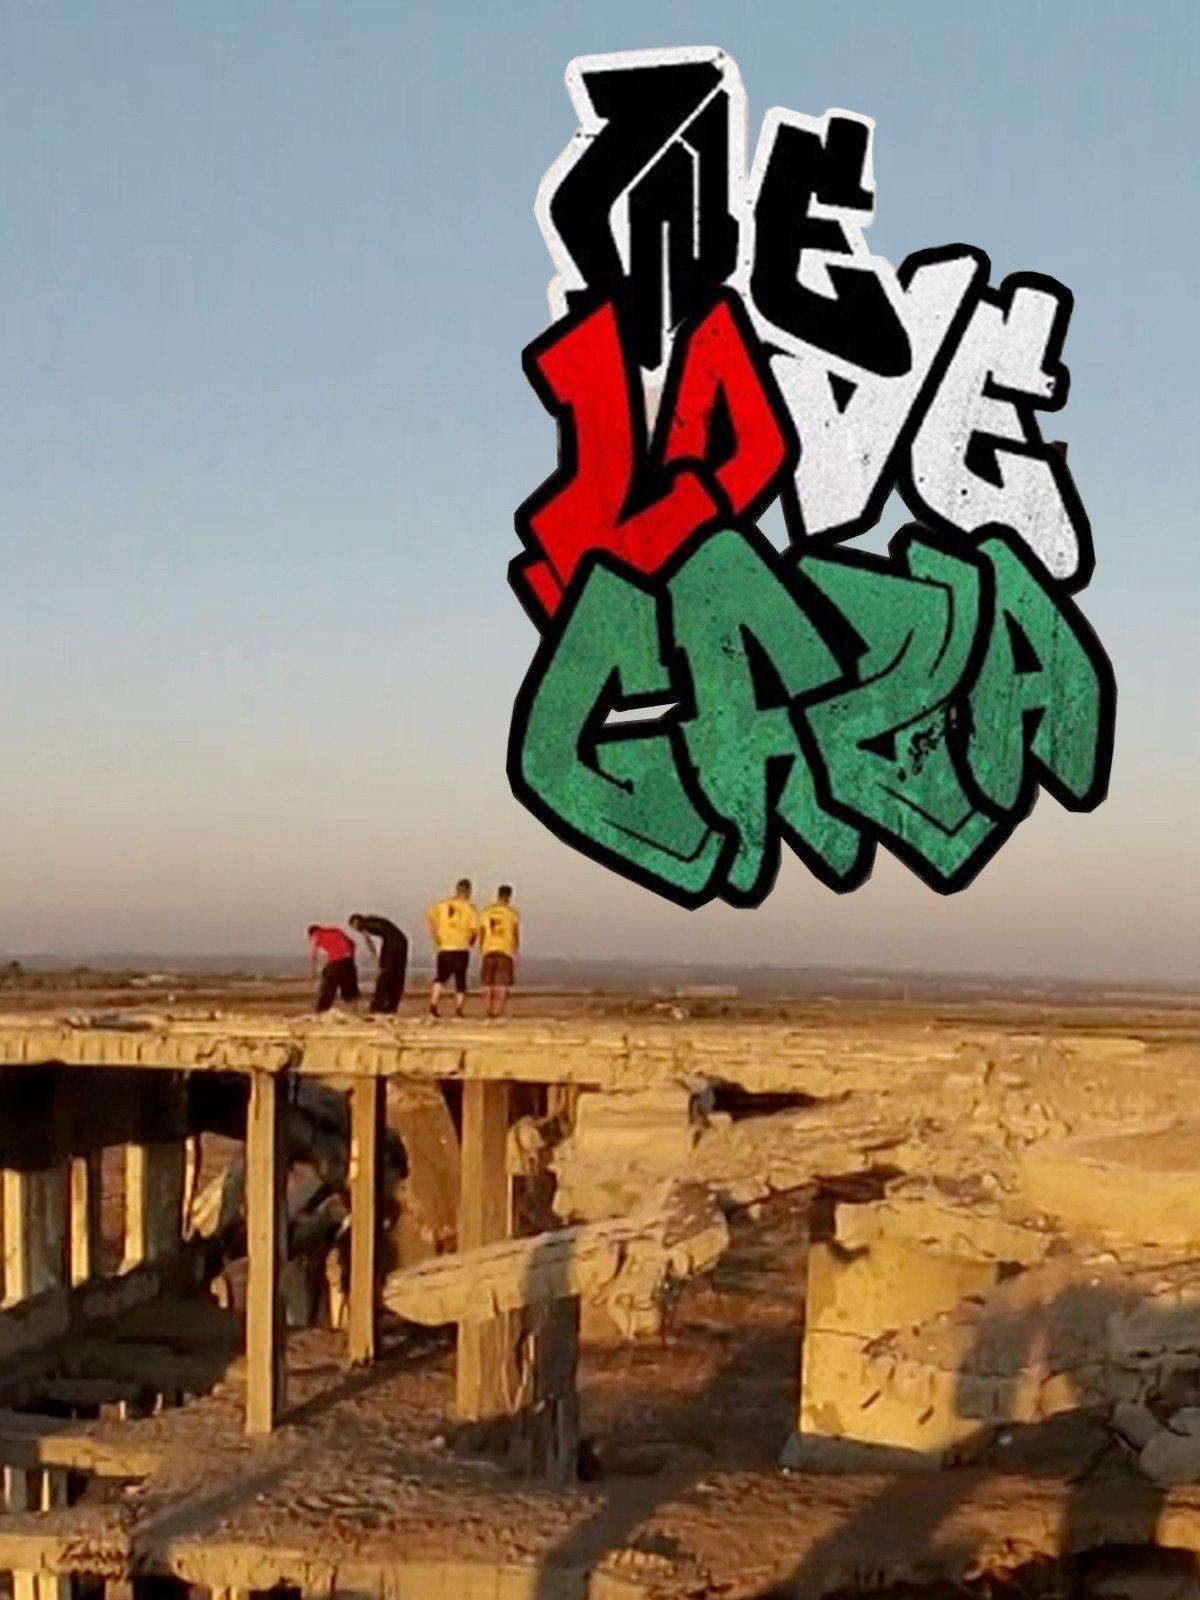 We Love Gaza